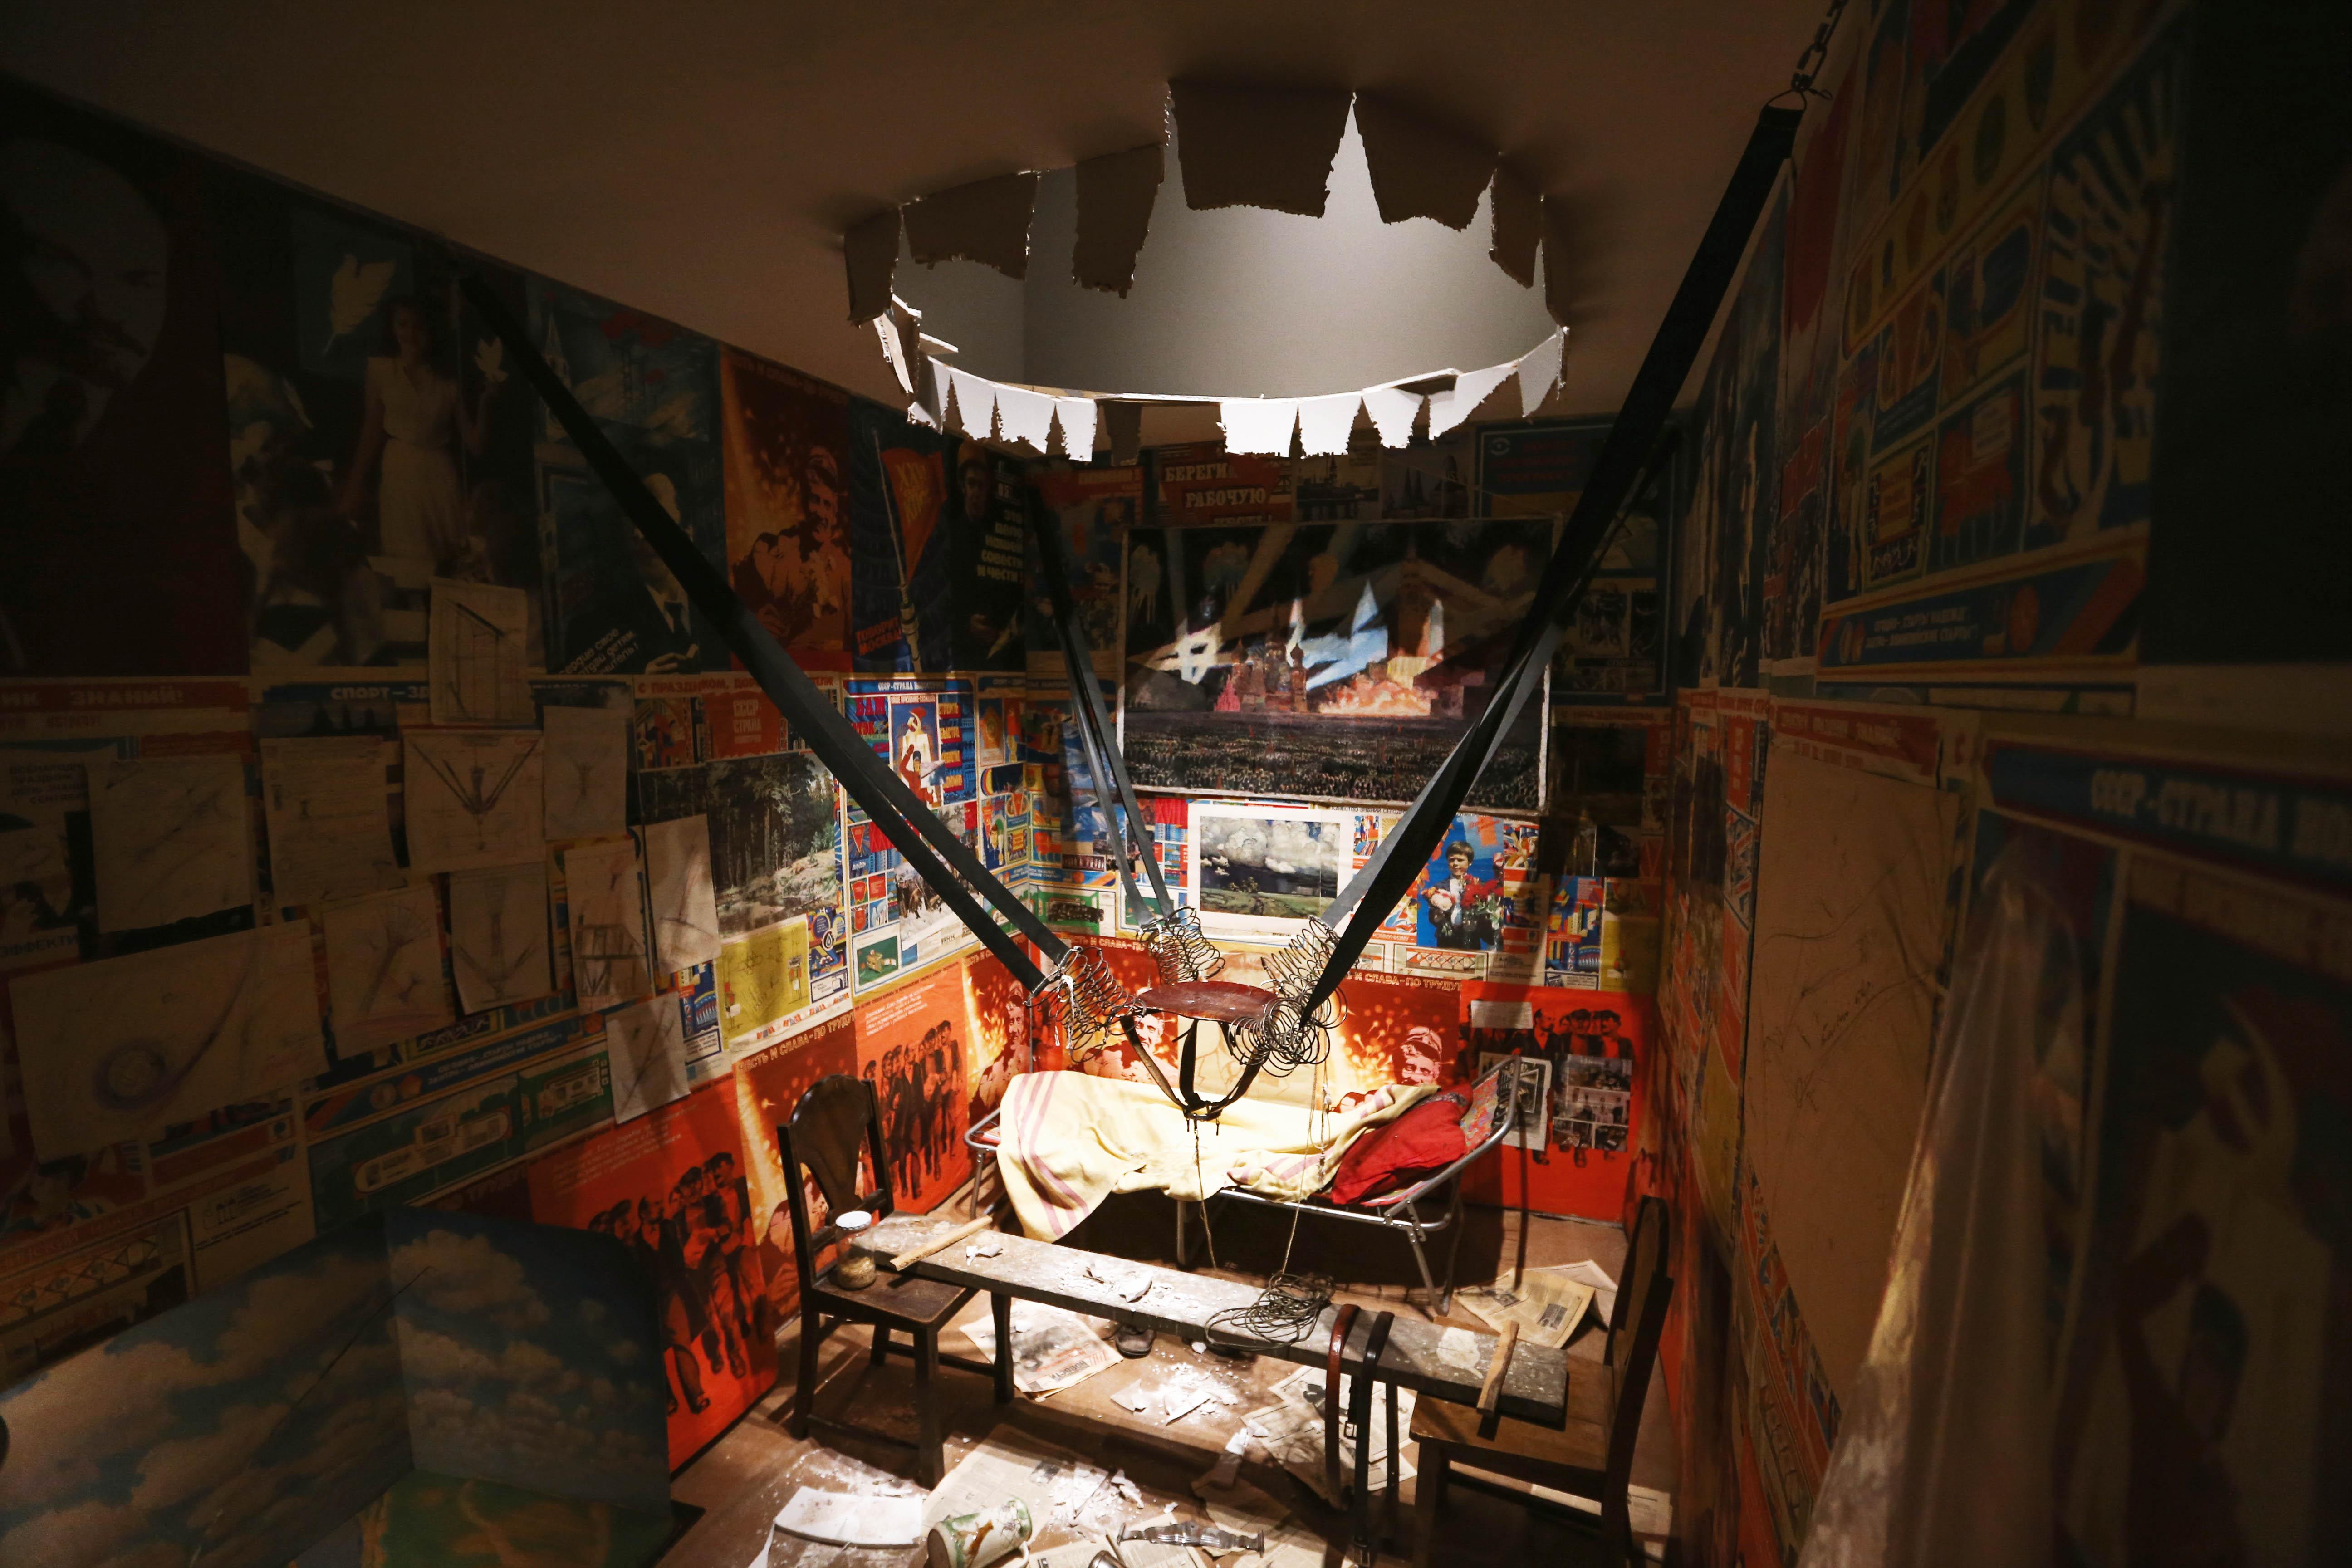 Инсталляция «Человек, который улетел изсвоей комнаты вкосмос» навыставке вЭрмитаже, 2017 год.